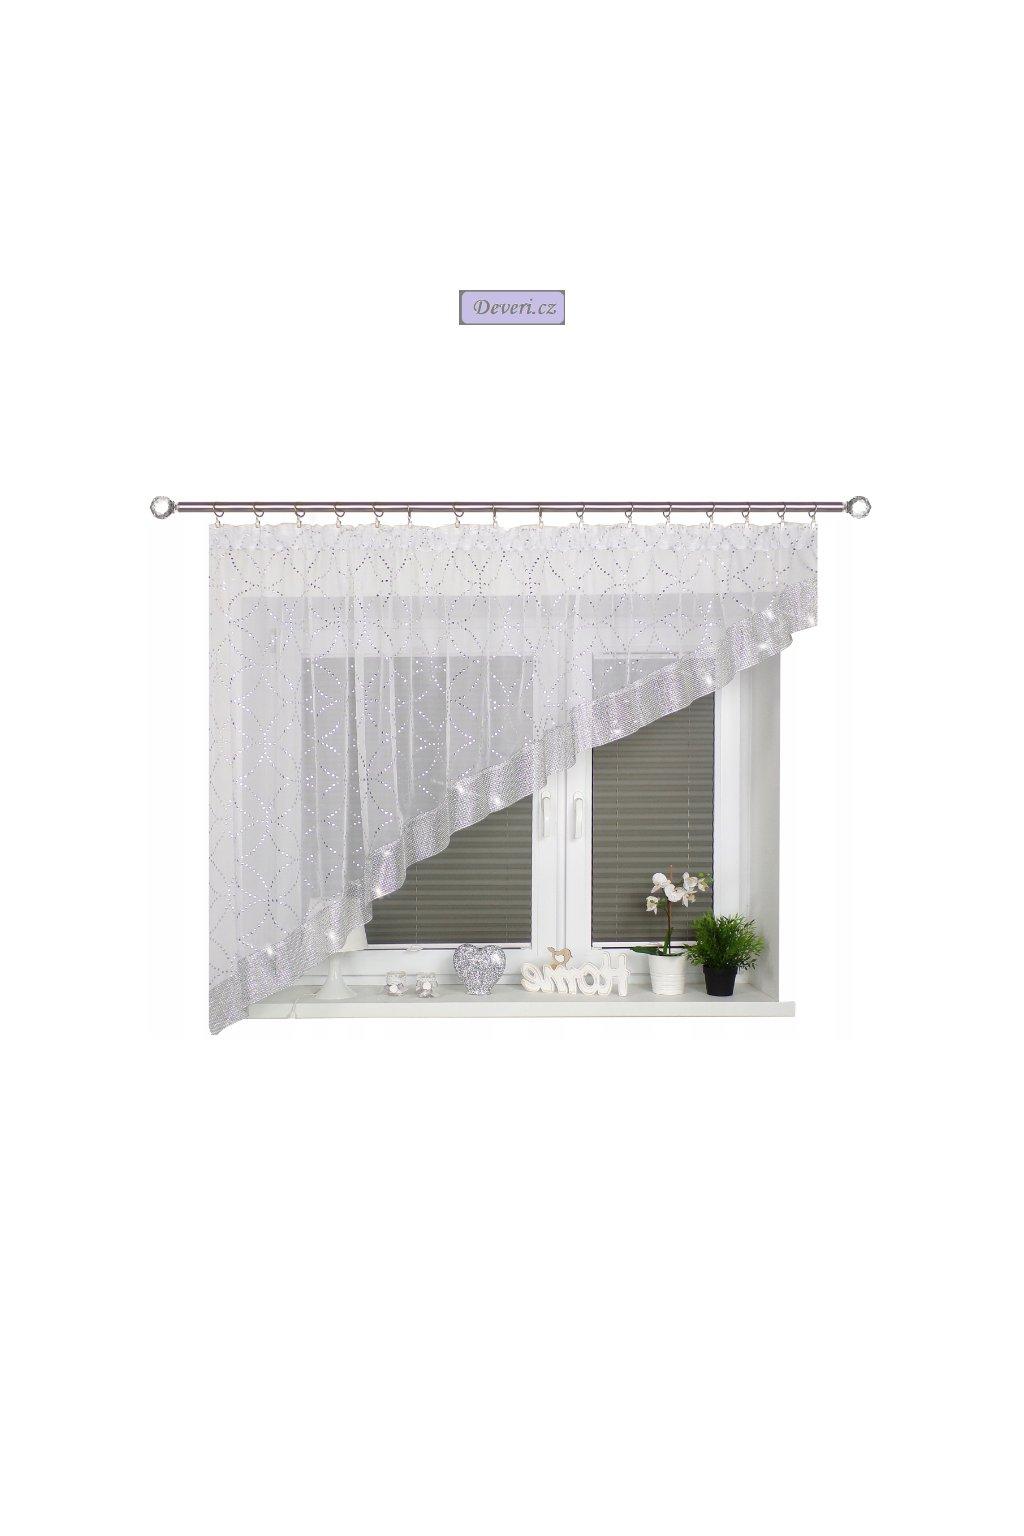 14. HOtová záclona 140x300cm3